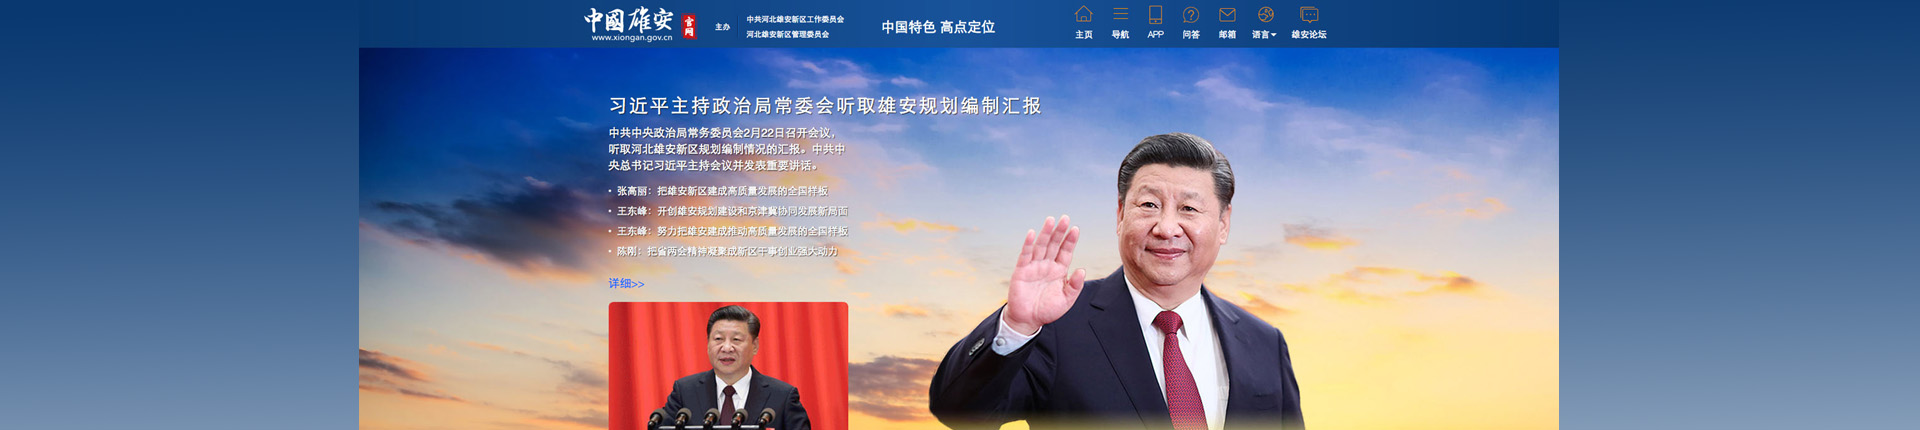 中国雄安官网正式上线运行